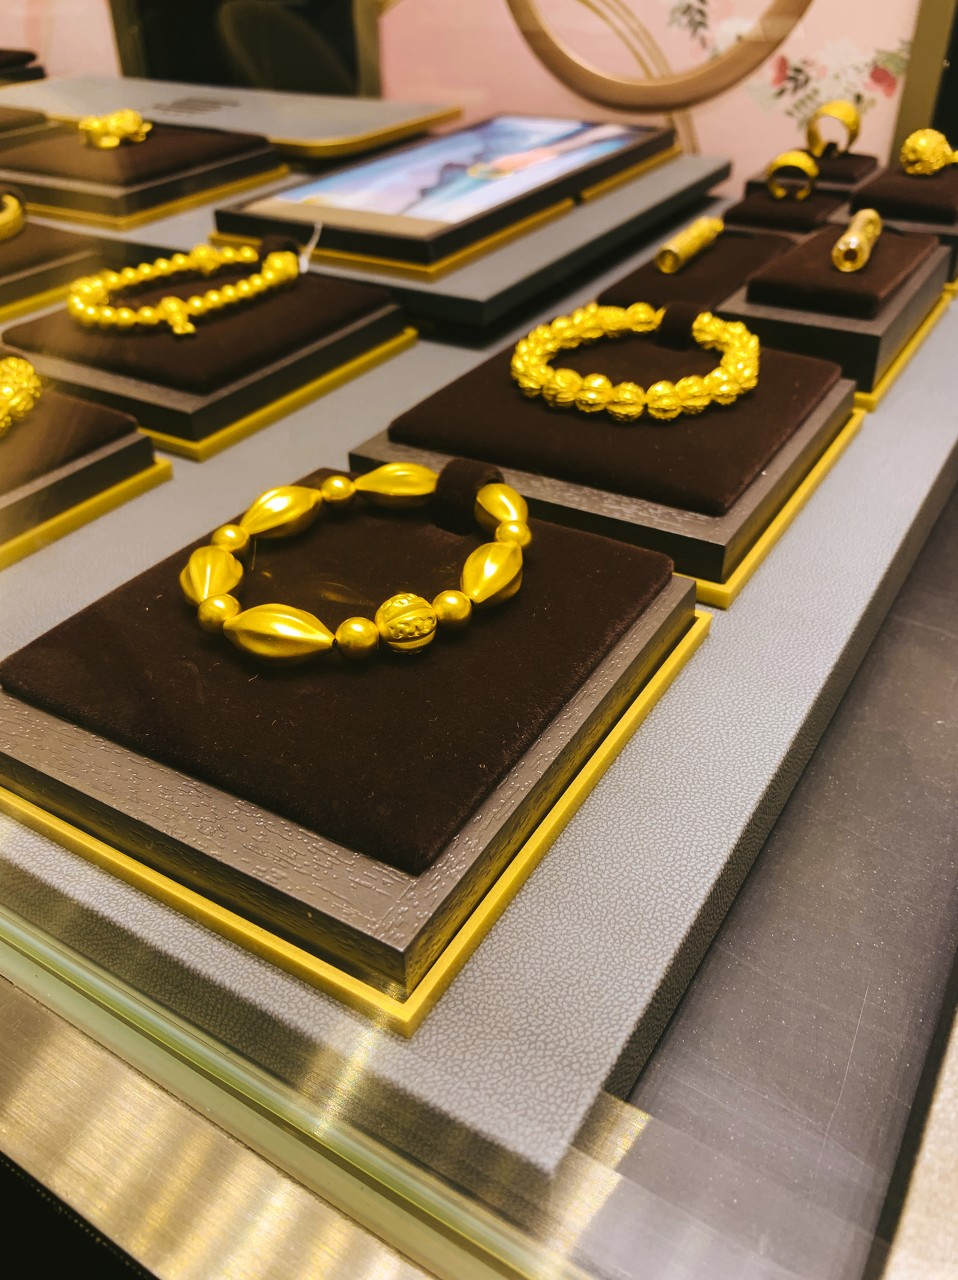 浙江金华市市场监管局开展流通领域黄金饰品产品质量专项监督抽查